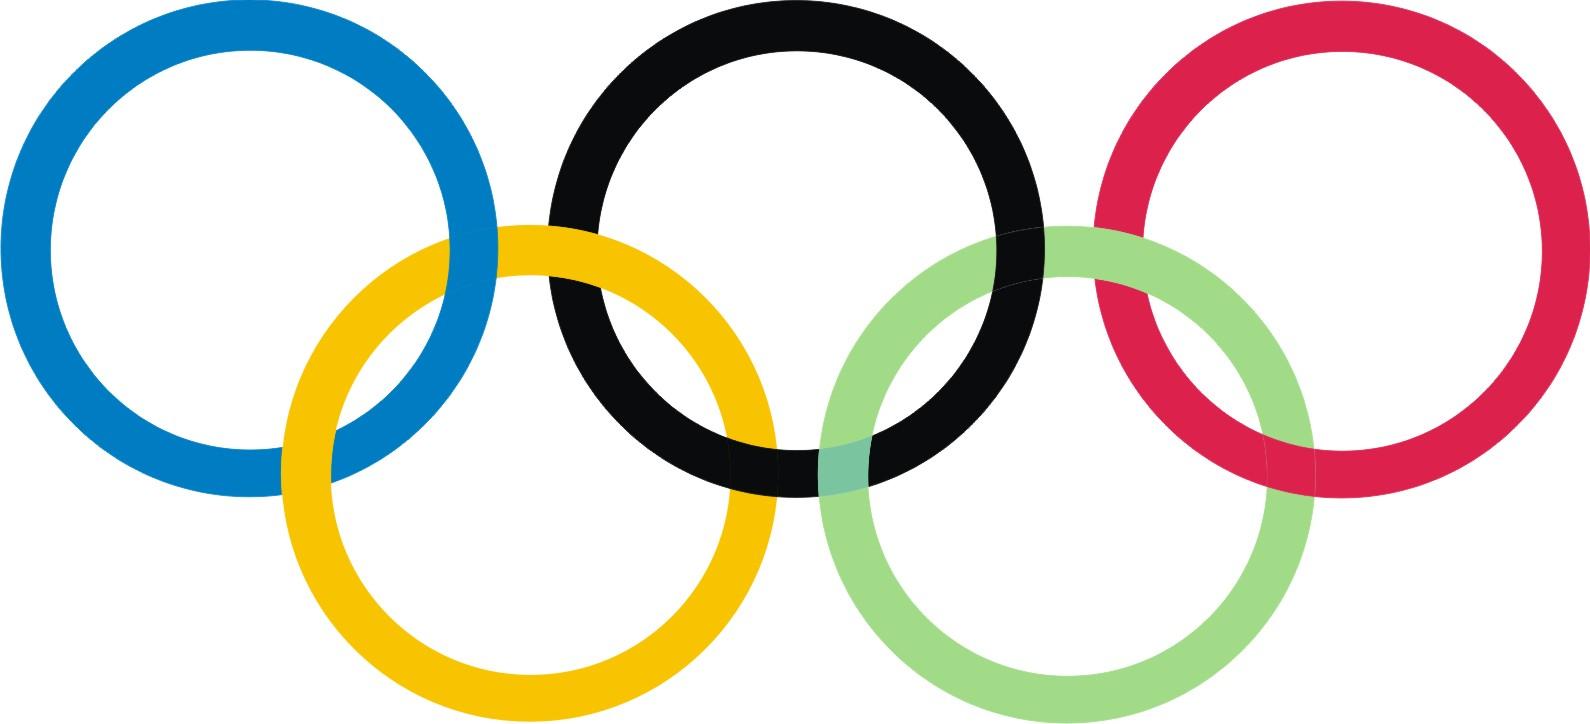 Imagenes de los aros olimpicos - Imagui